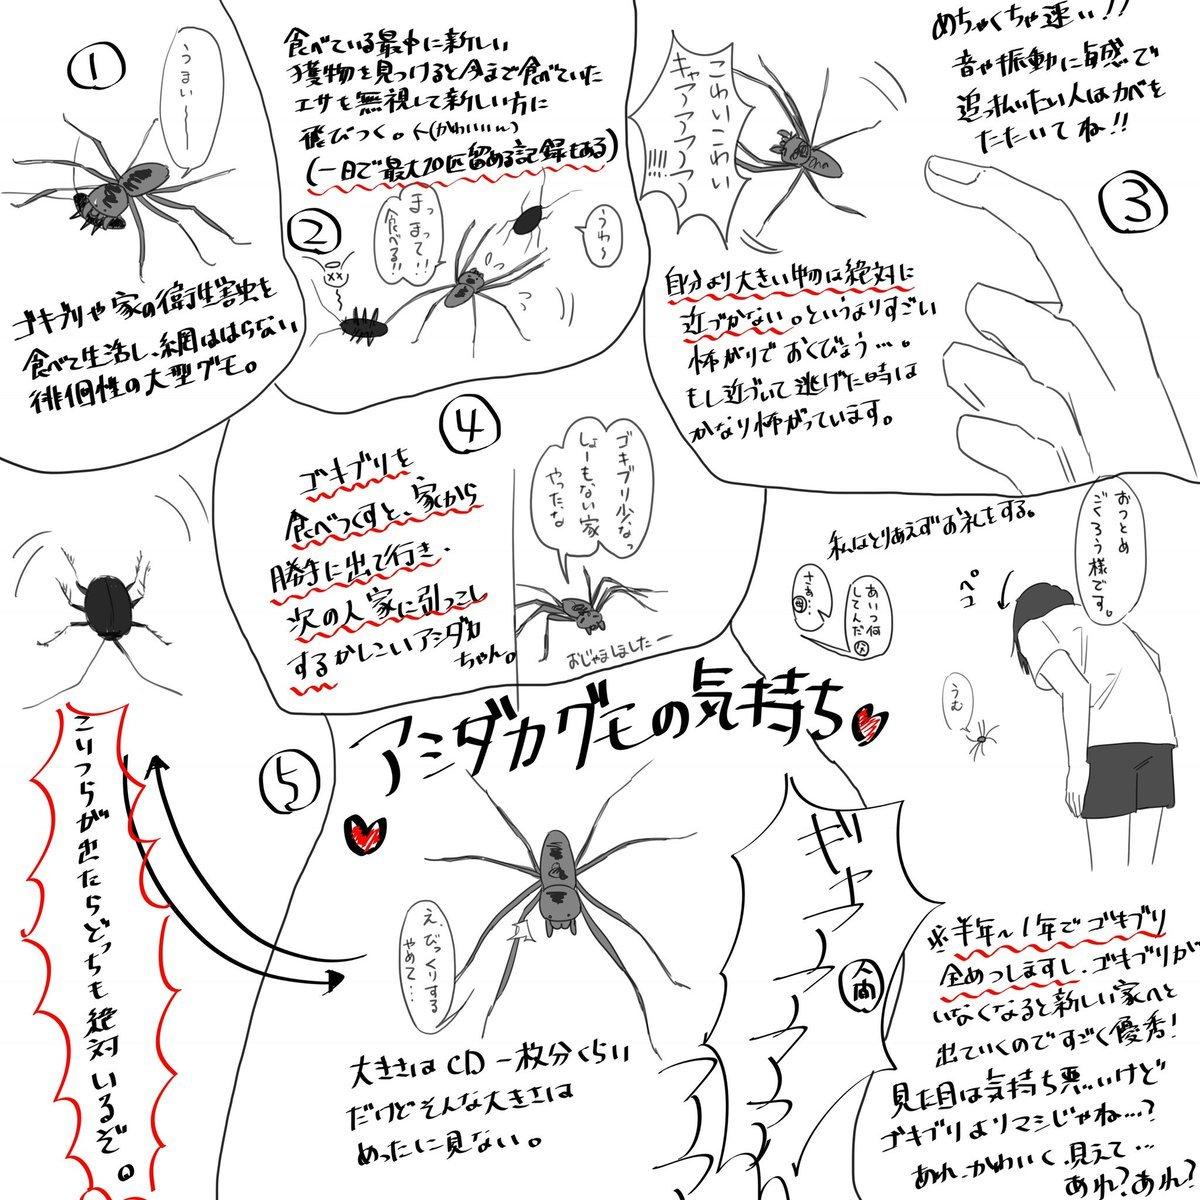 【益虫】家でたまにみかける巨大な蜘蛛「アシダカグモ」は殺さないで!ゴキブリを全滅させます!